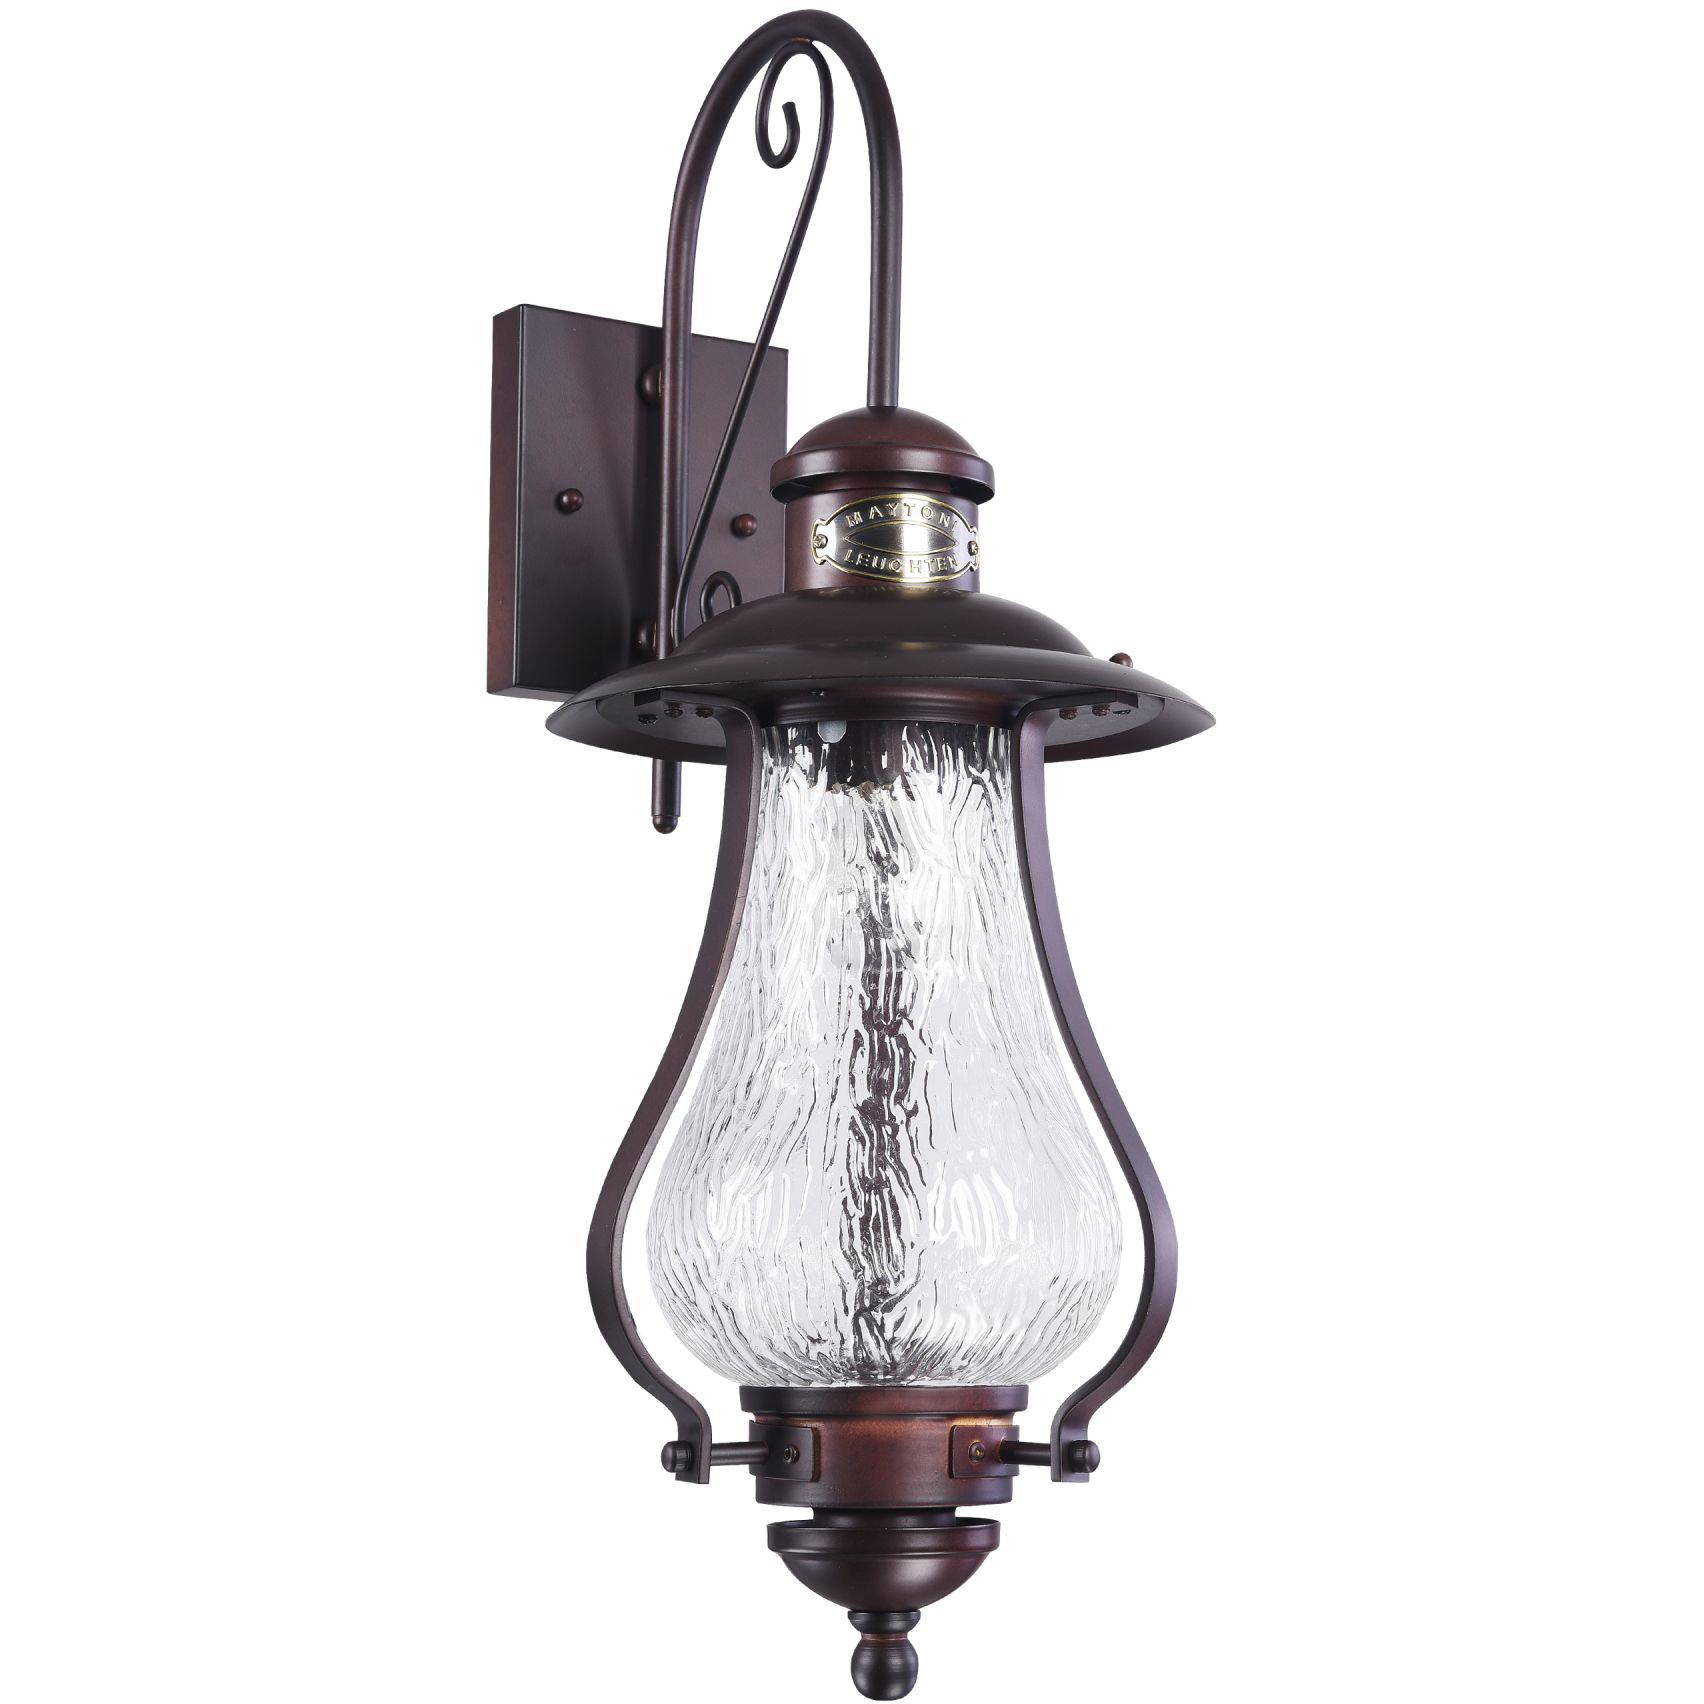 lampy zewnętrzne wiszące retro